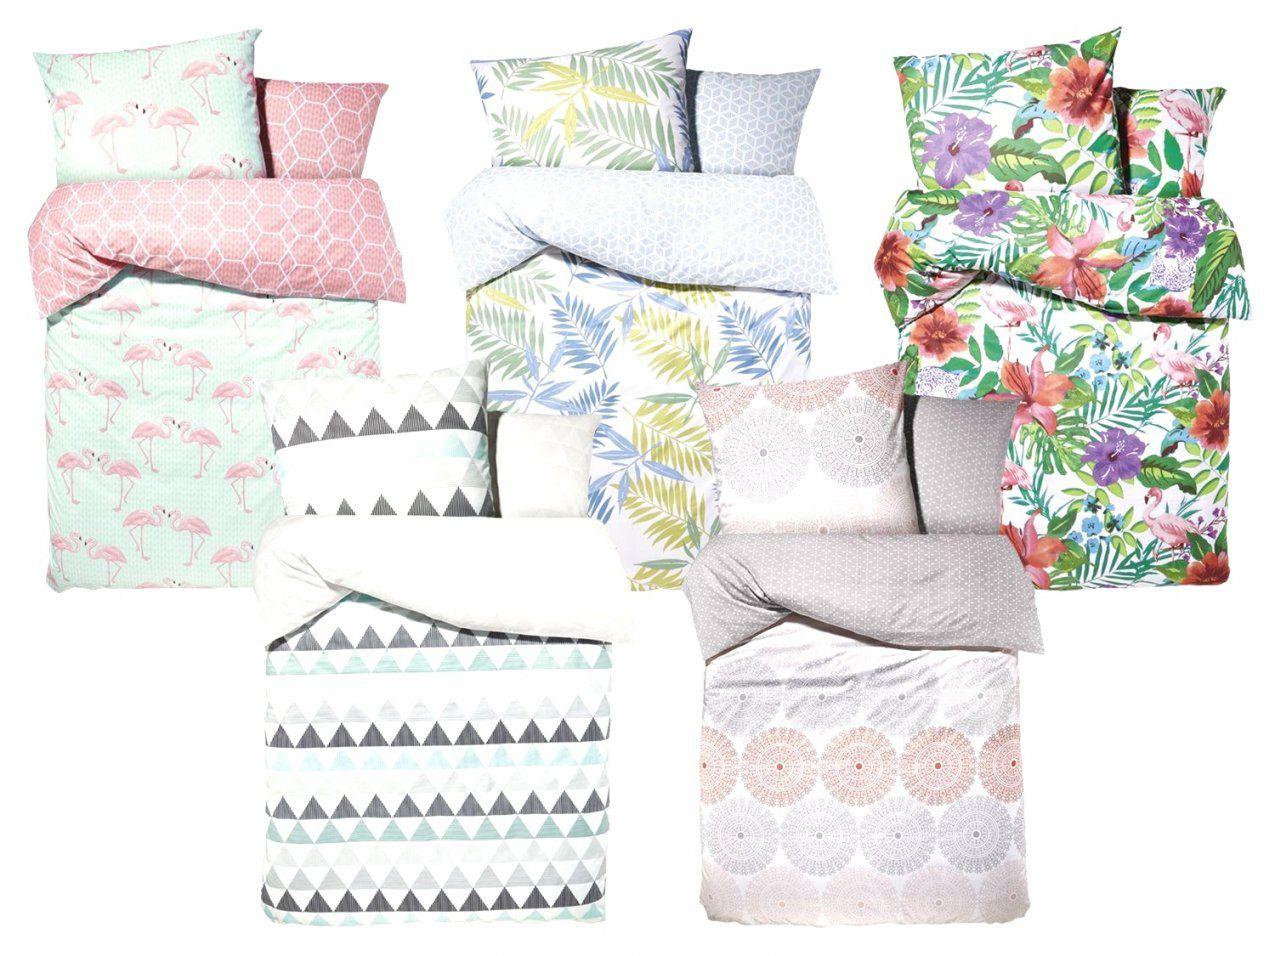 Fantastische Ideen Einhorn Bettwäsche Lidl Und Tolle Flamingo Home von Lidl Bettwäsche Flamingo Bild